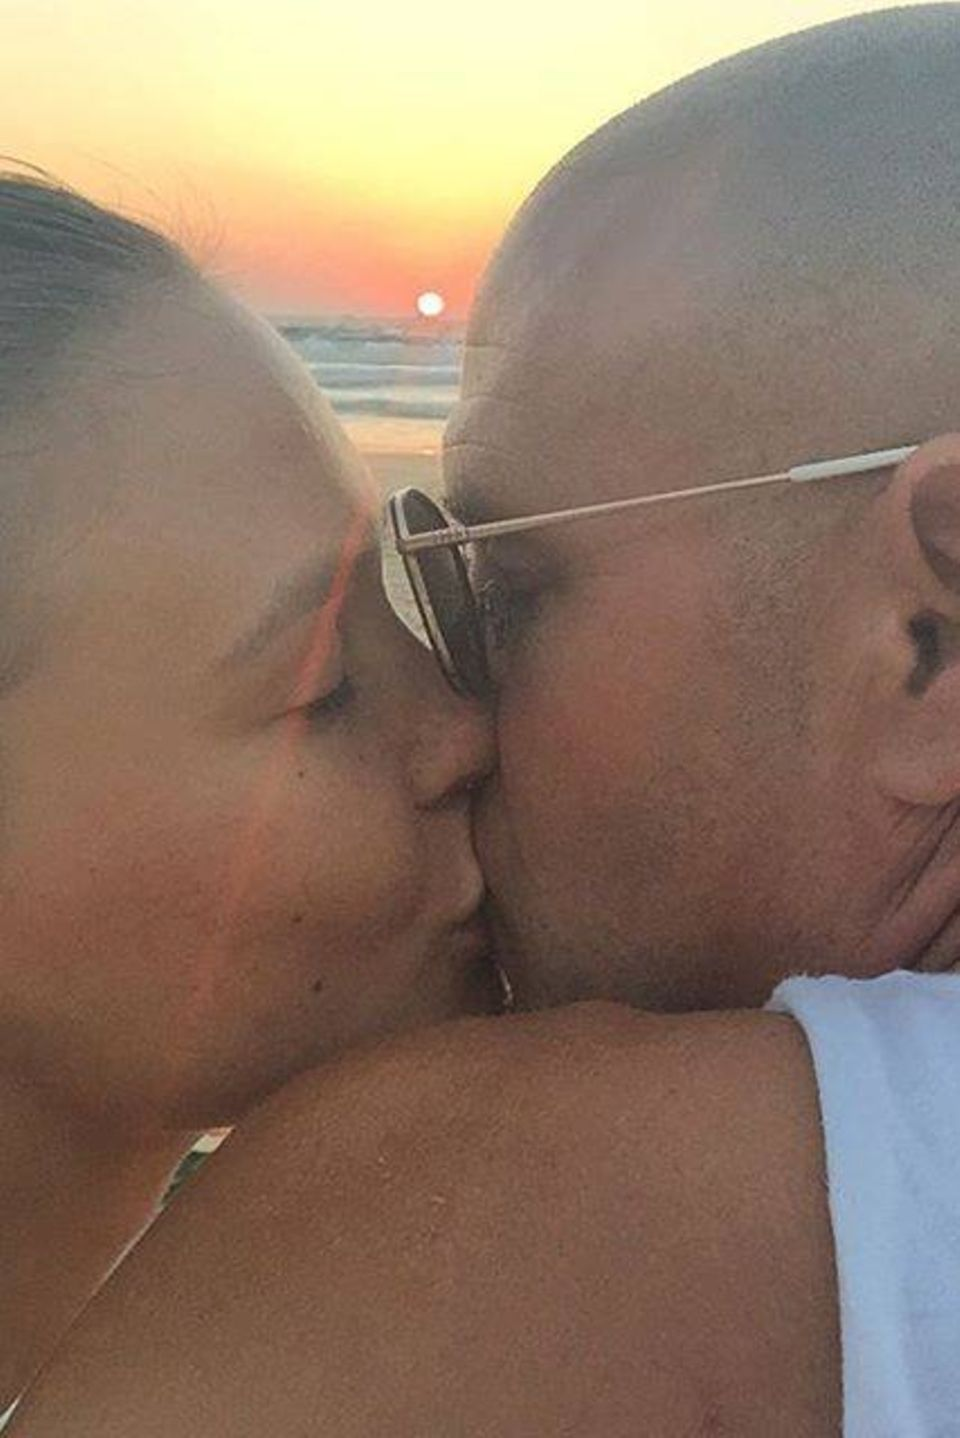 Wochenende der Liebe: Bar Refaeli und ihr Ehemann Adi Ezra küssen sich ganz romantisch bei Sonnenuntergang. Das Paar erwartet bald ihr erstes Baby.